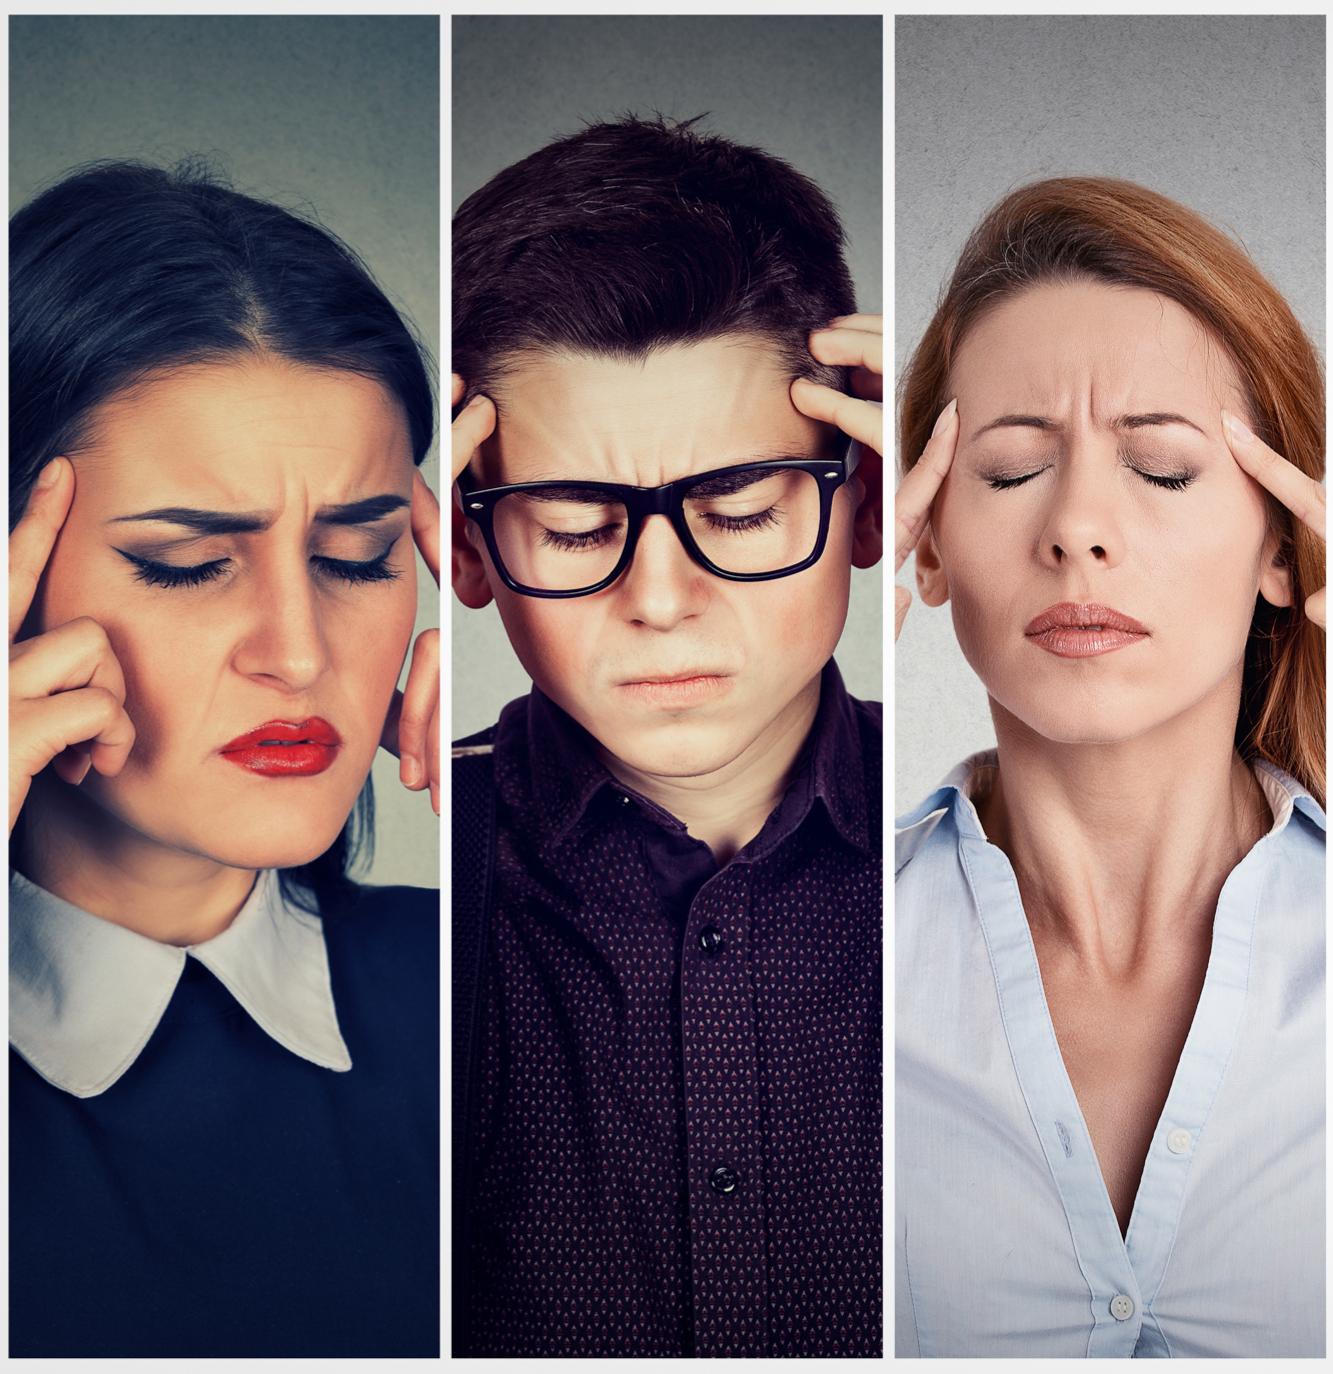 Get Sweet Relief From Migraines